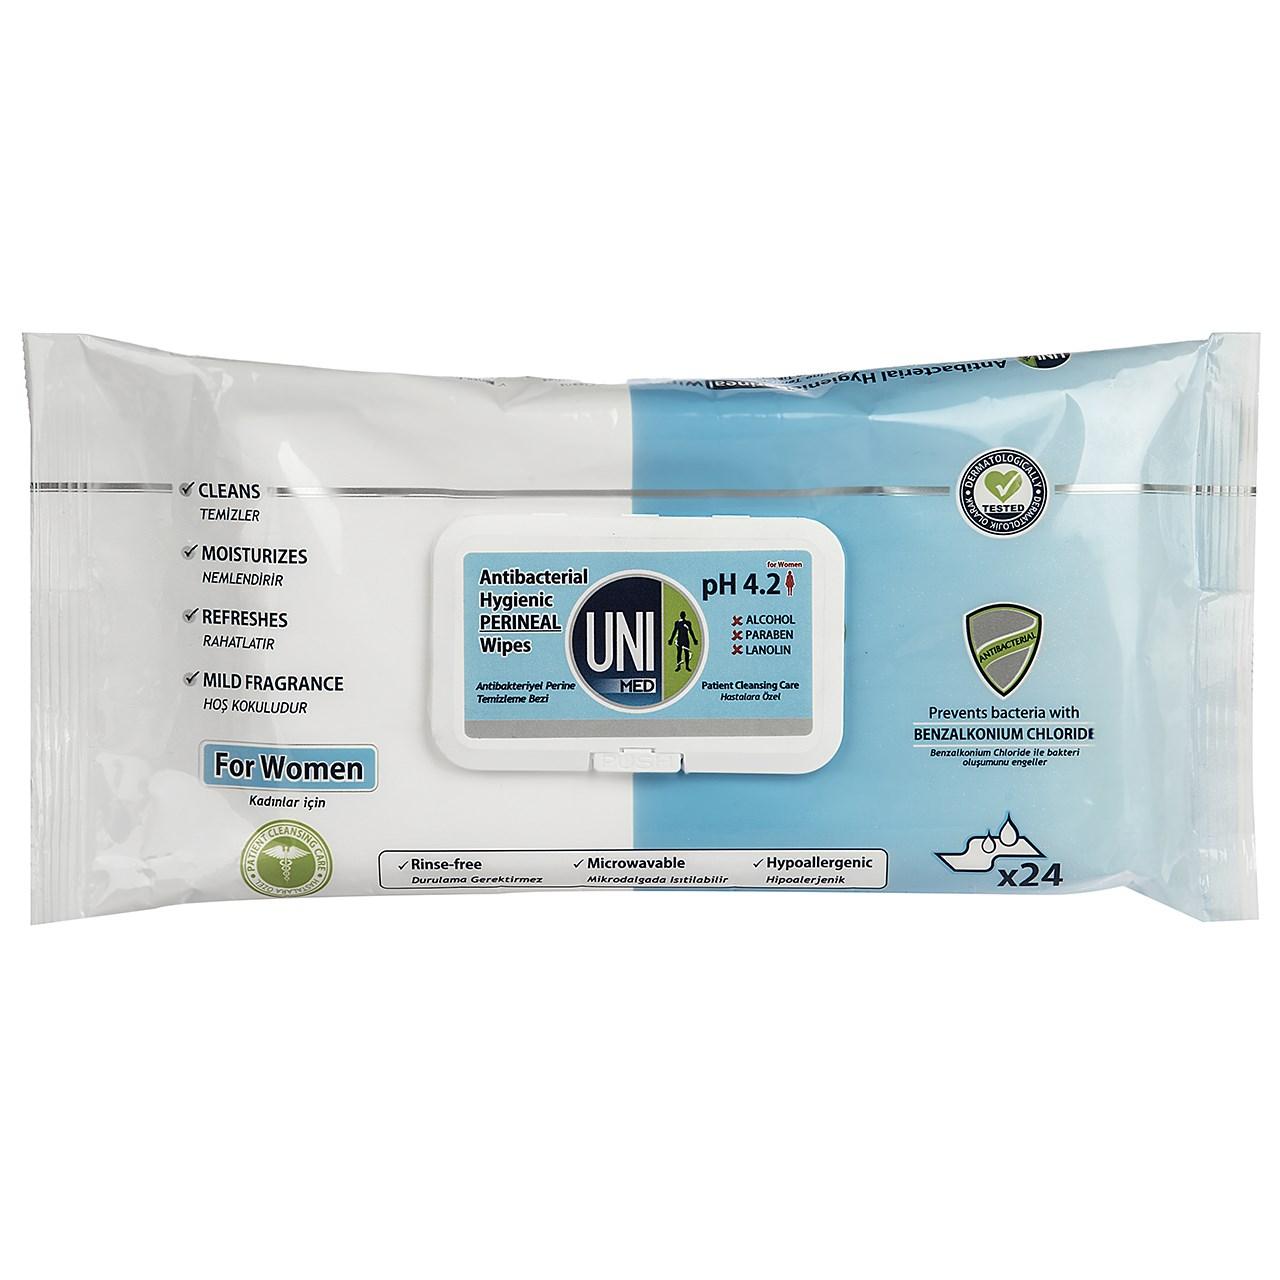 قیمت دستمال مرطوب بانوان یونی مد مدل Antibacterial Hygienic Perineal بسته 24 عددی